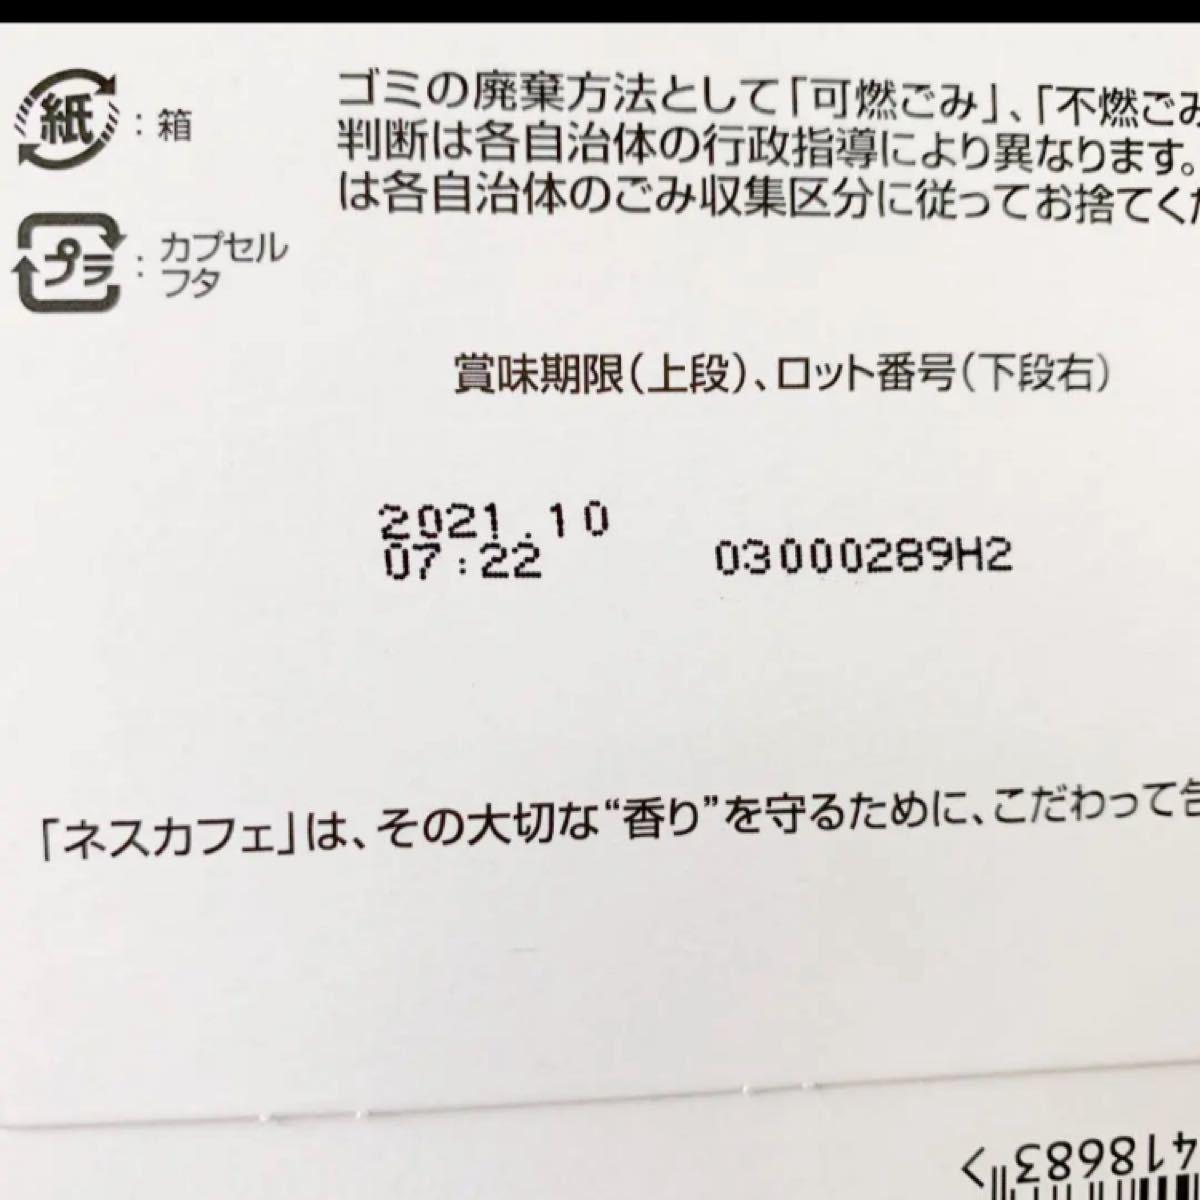 10/5迄の出品 ネスレドルチェグスト専用カプセル 2箱分+1個=25カプセル